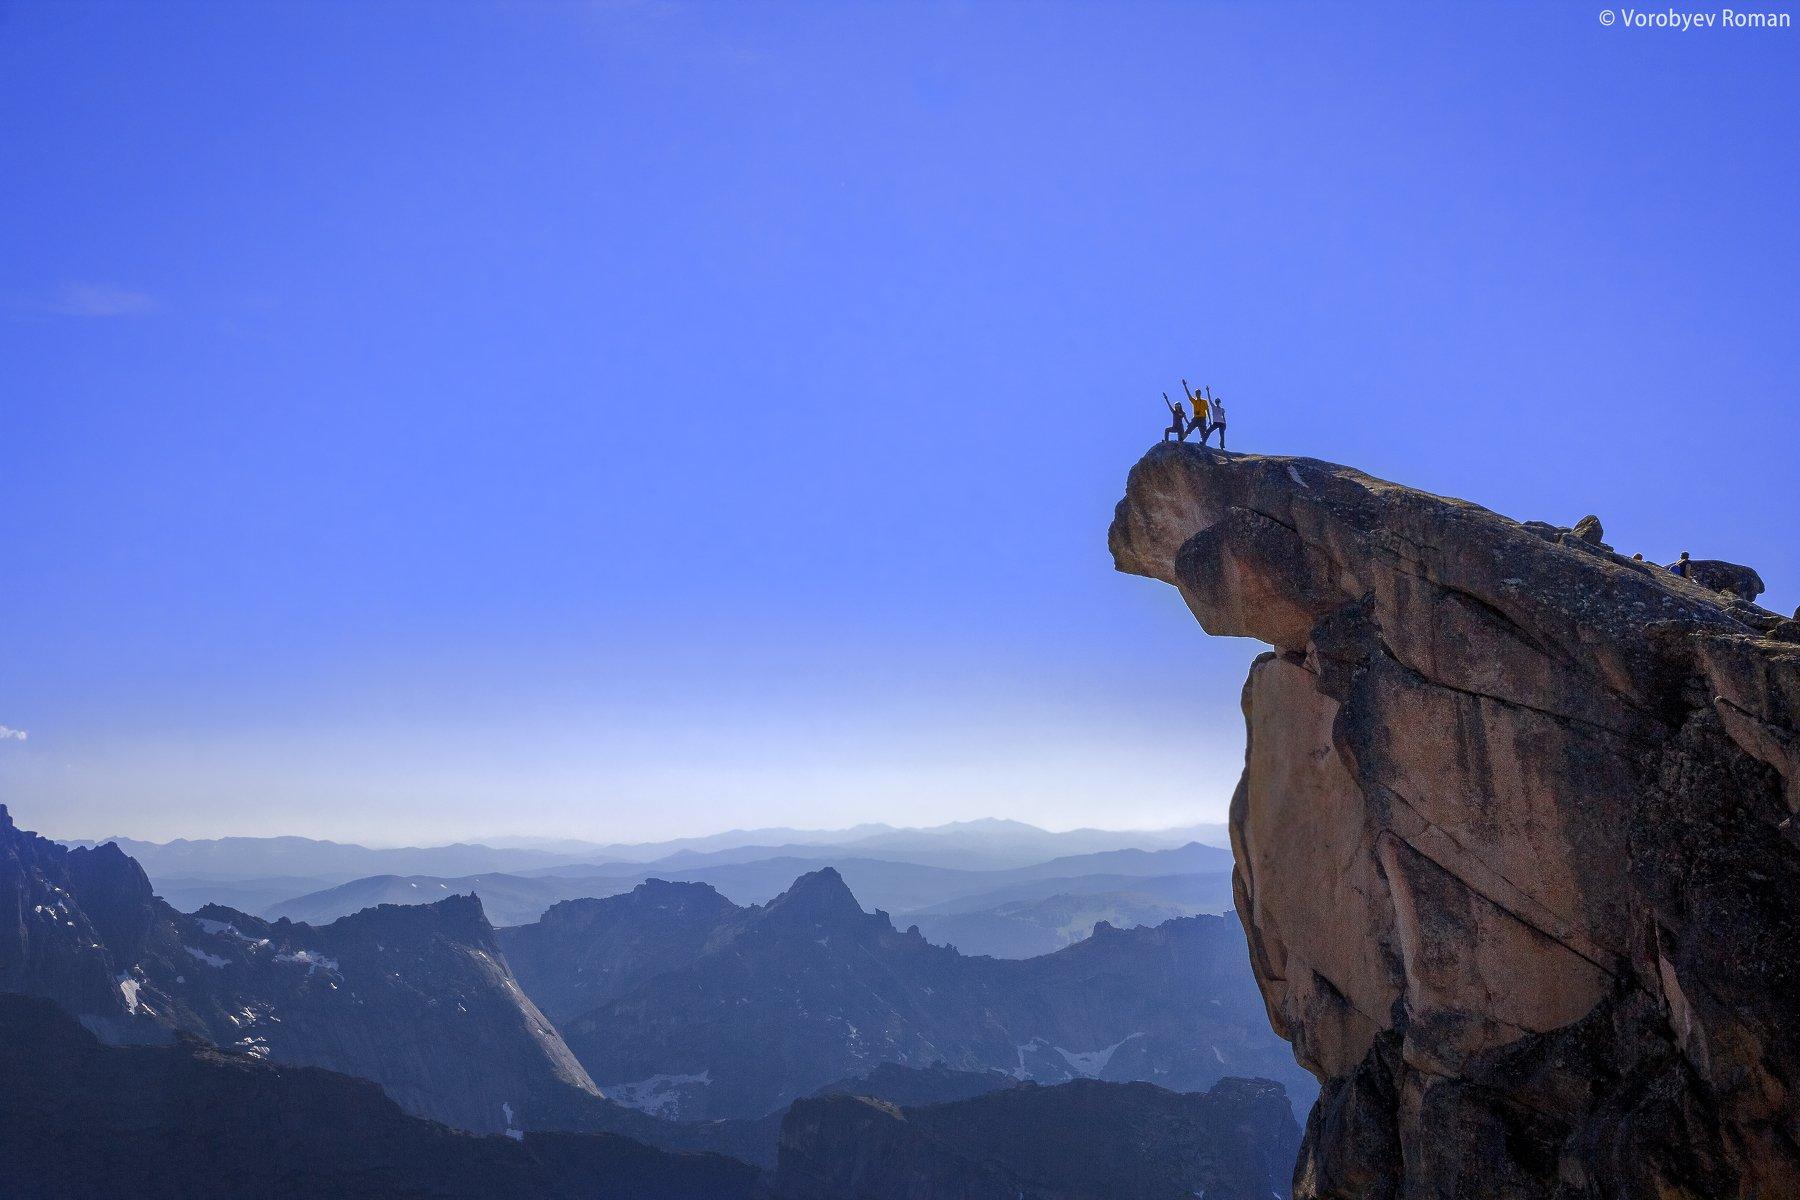 Вершина, Горы, Ергаки, Небо, Пейзаж, Природа, Скалы, Roman Vorobyev